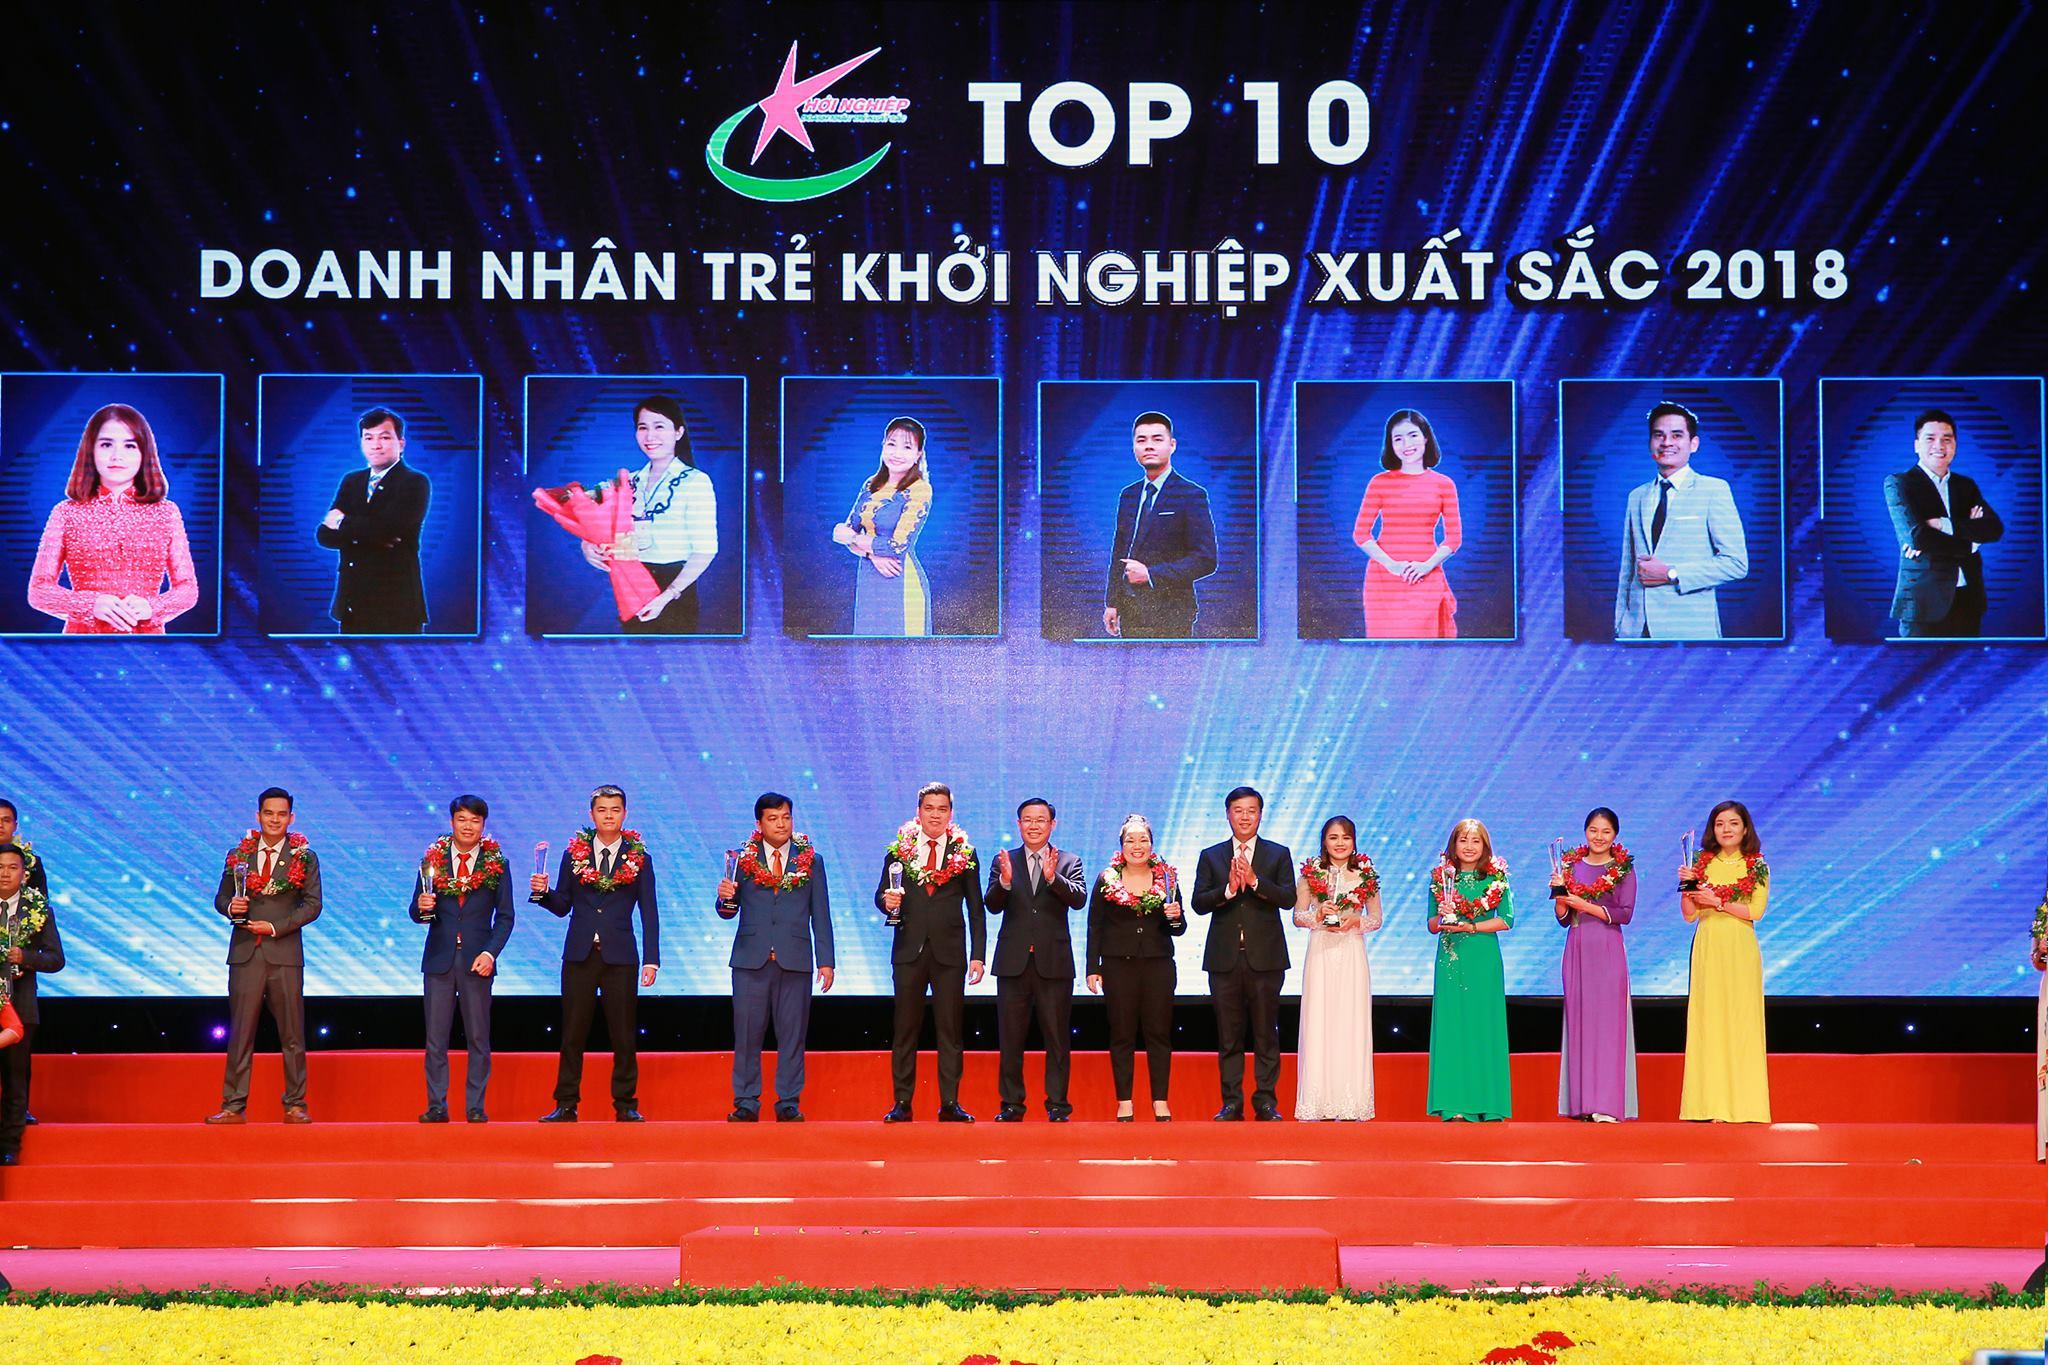 Phát huy vai trò doanh nhân Việt Nam